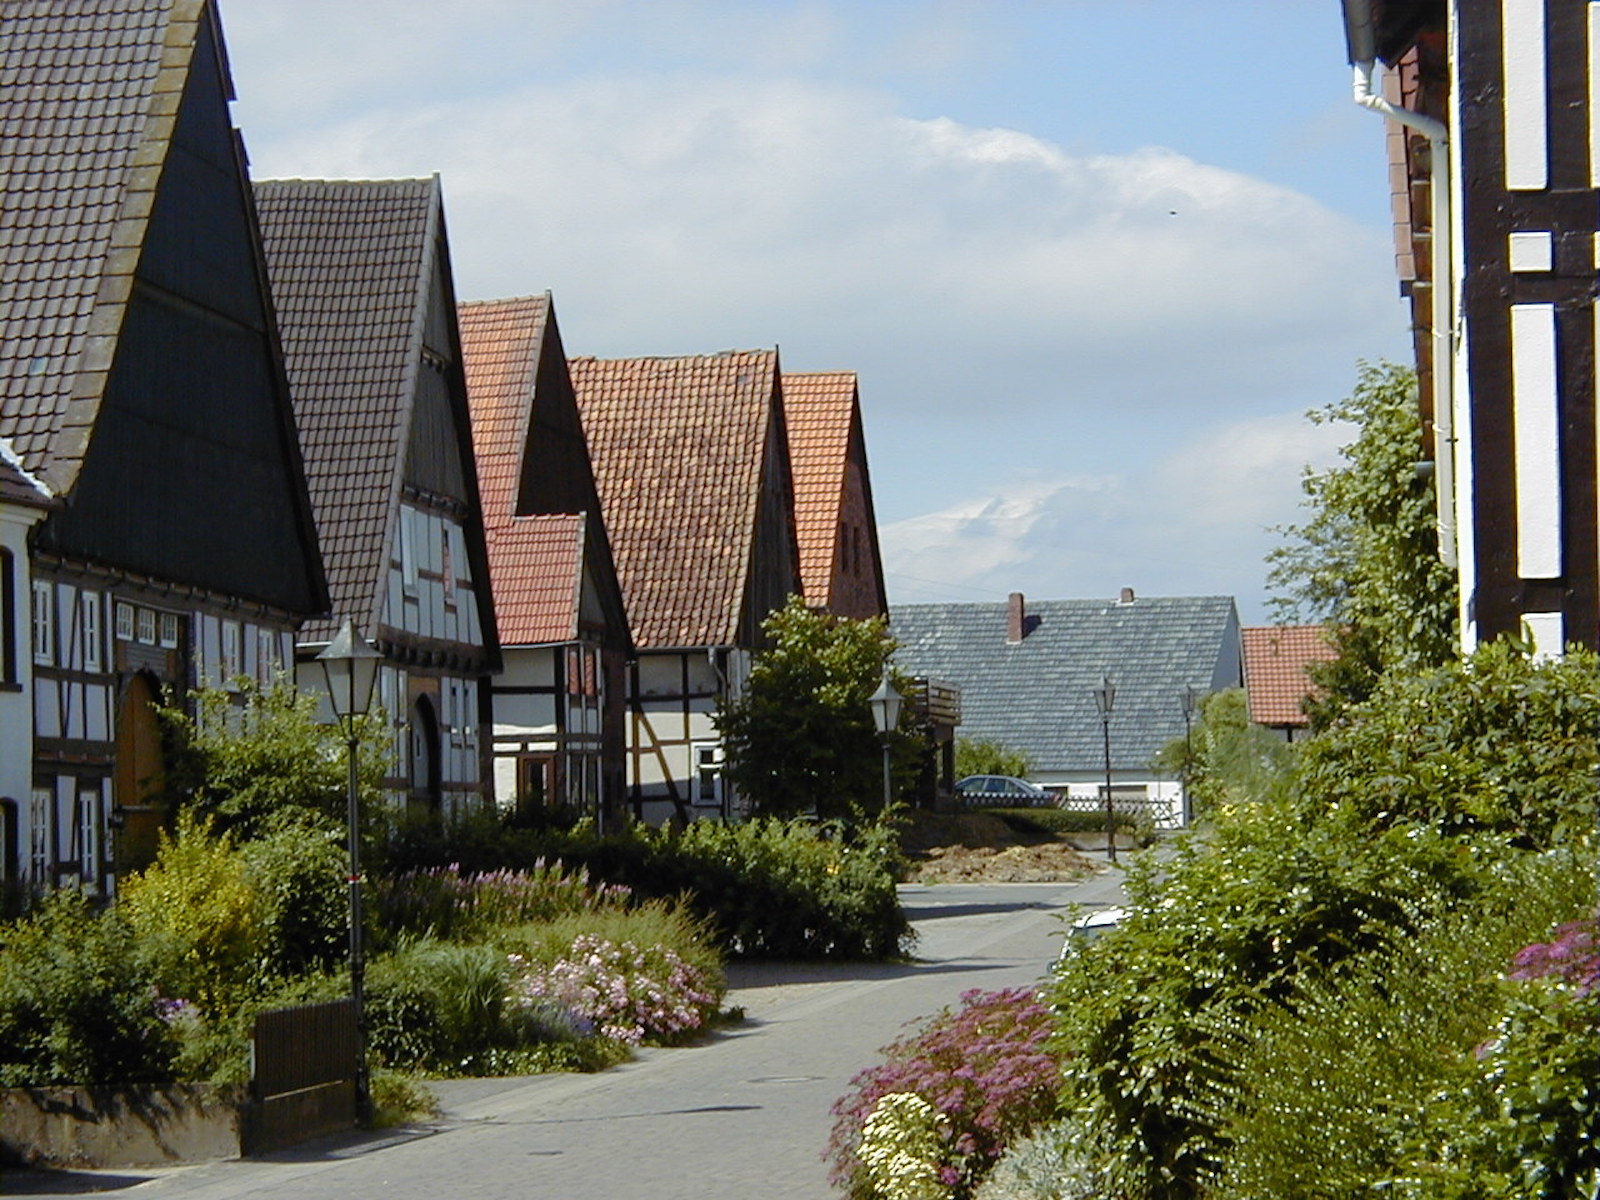 Niedernstraße in Vörden